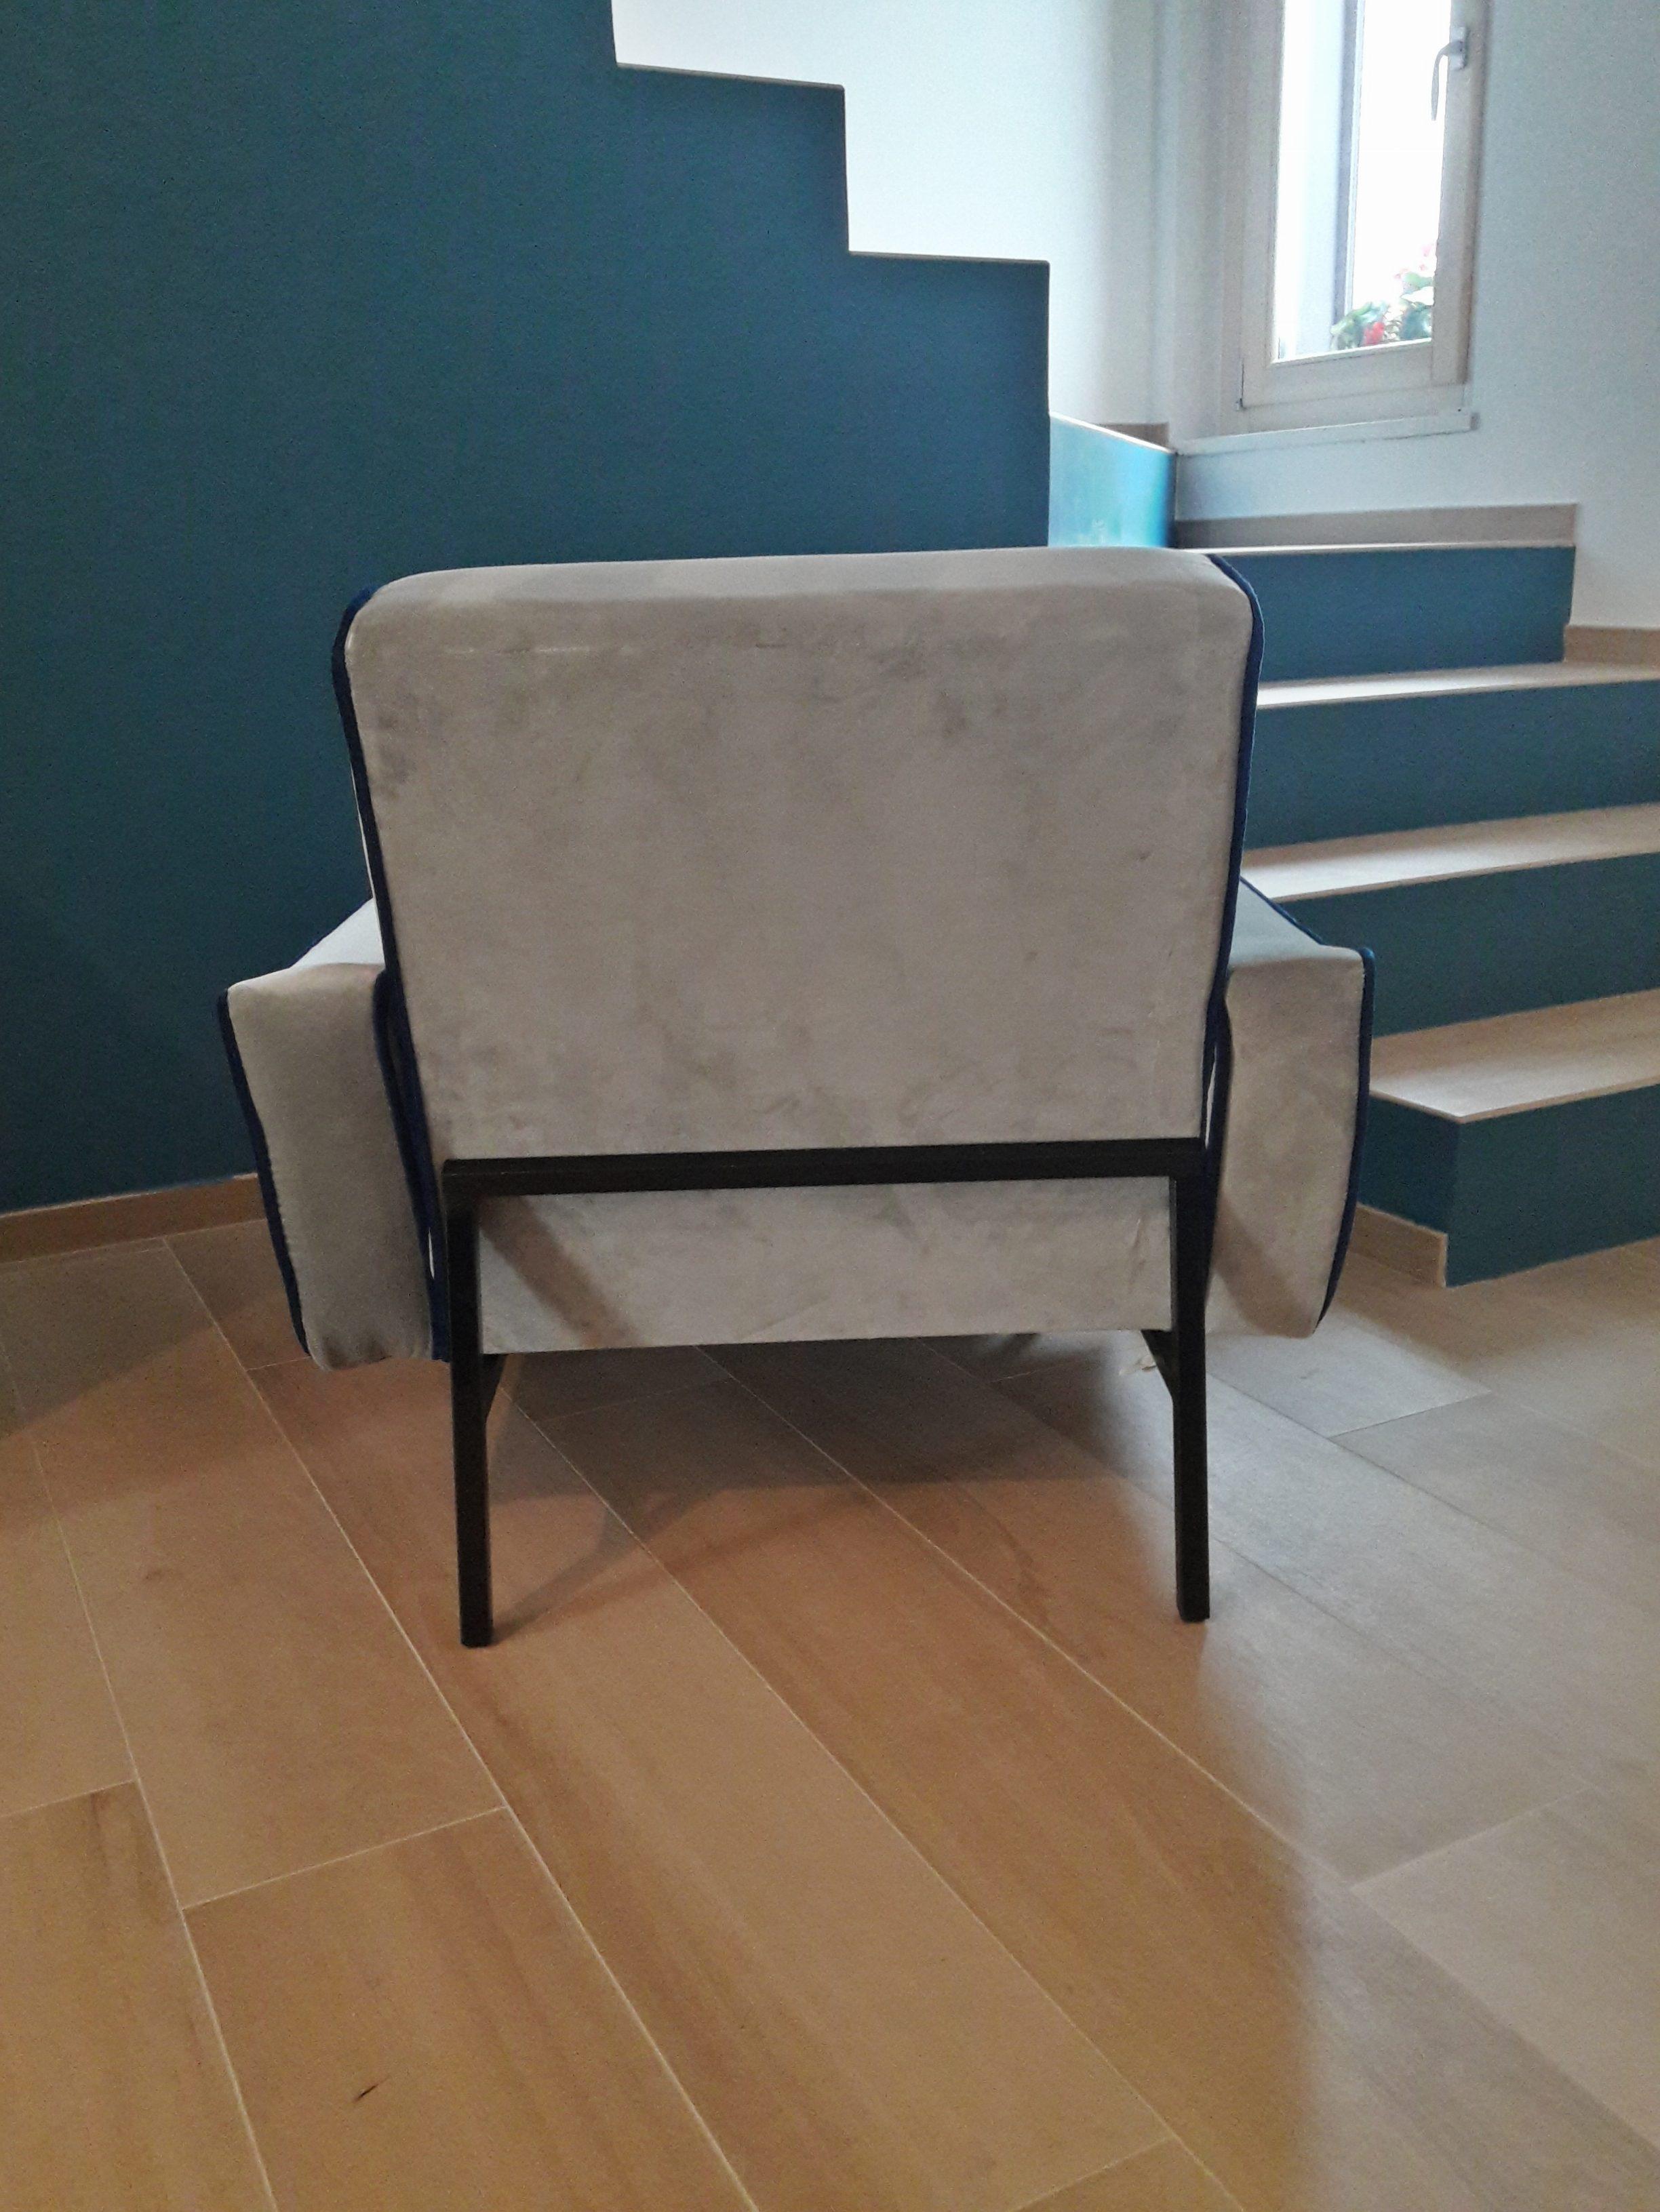 a07-italian-modern-armchair-gigi-radice-style-poltrona